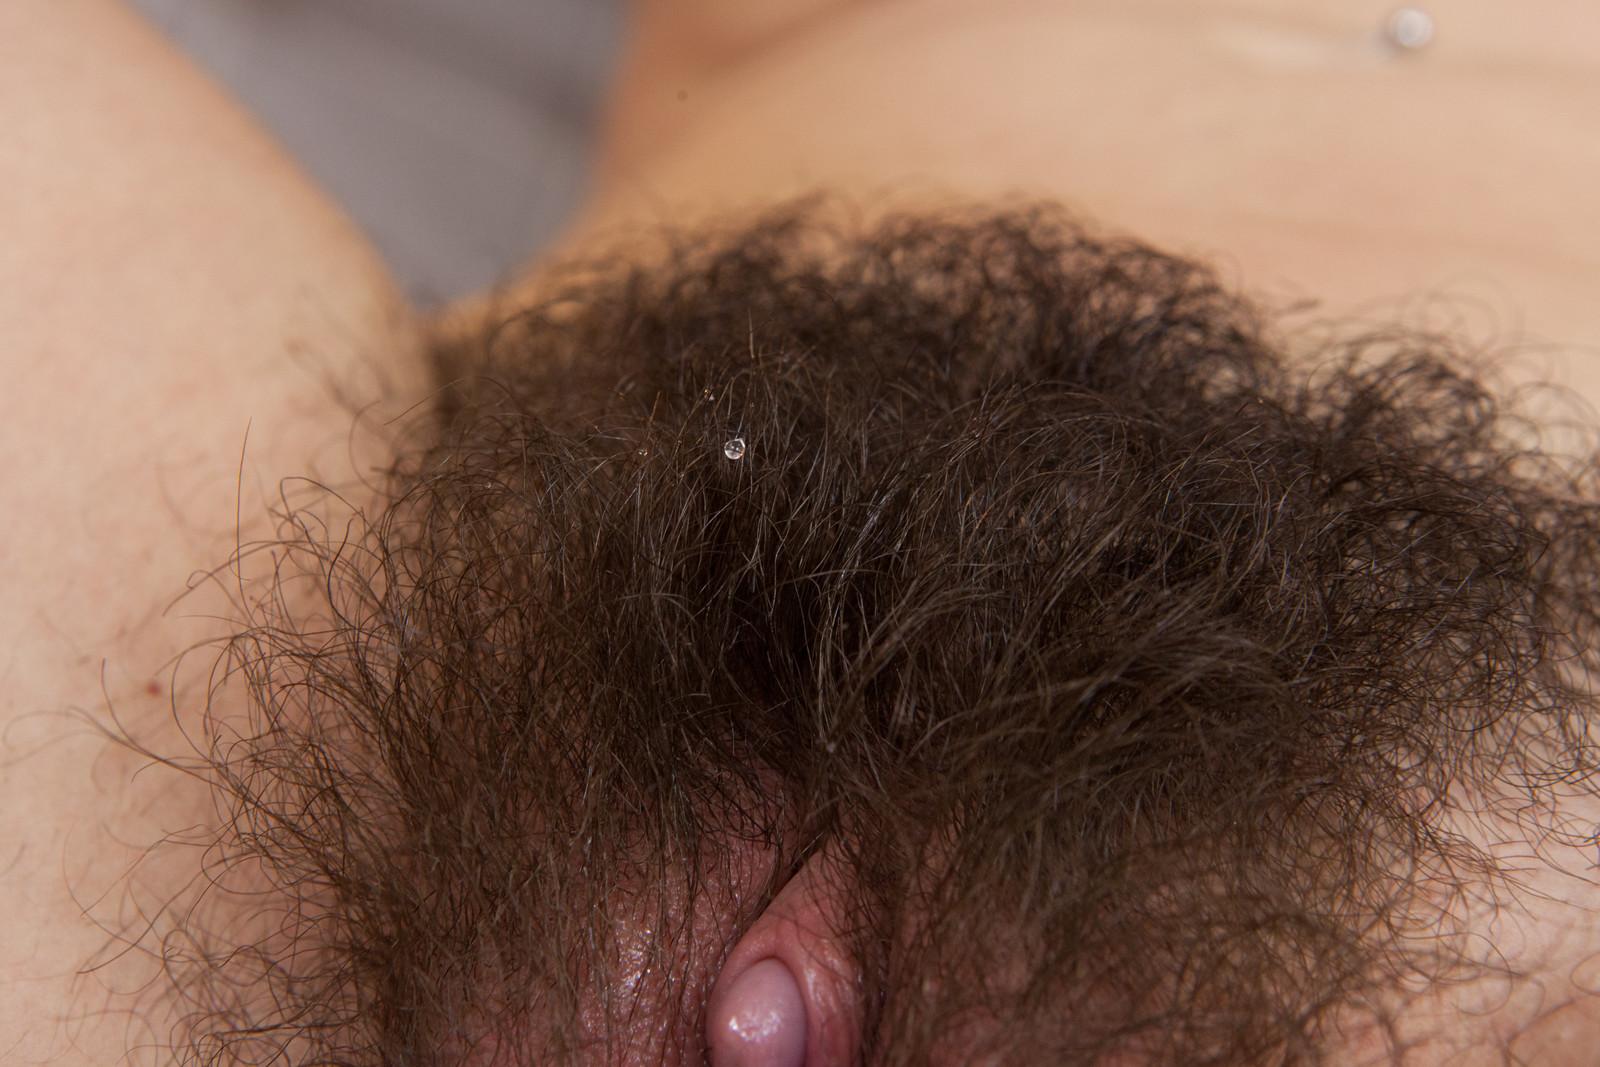 Фото пробиваются волосики, Волосы торчат из под купальника Случайное фото 2 фотография